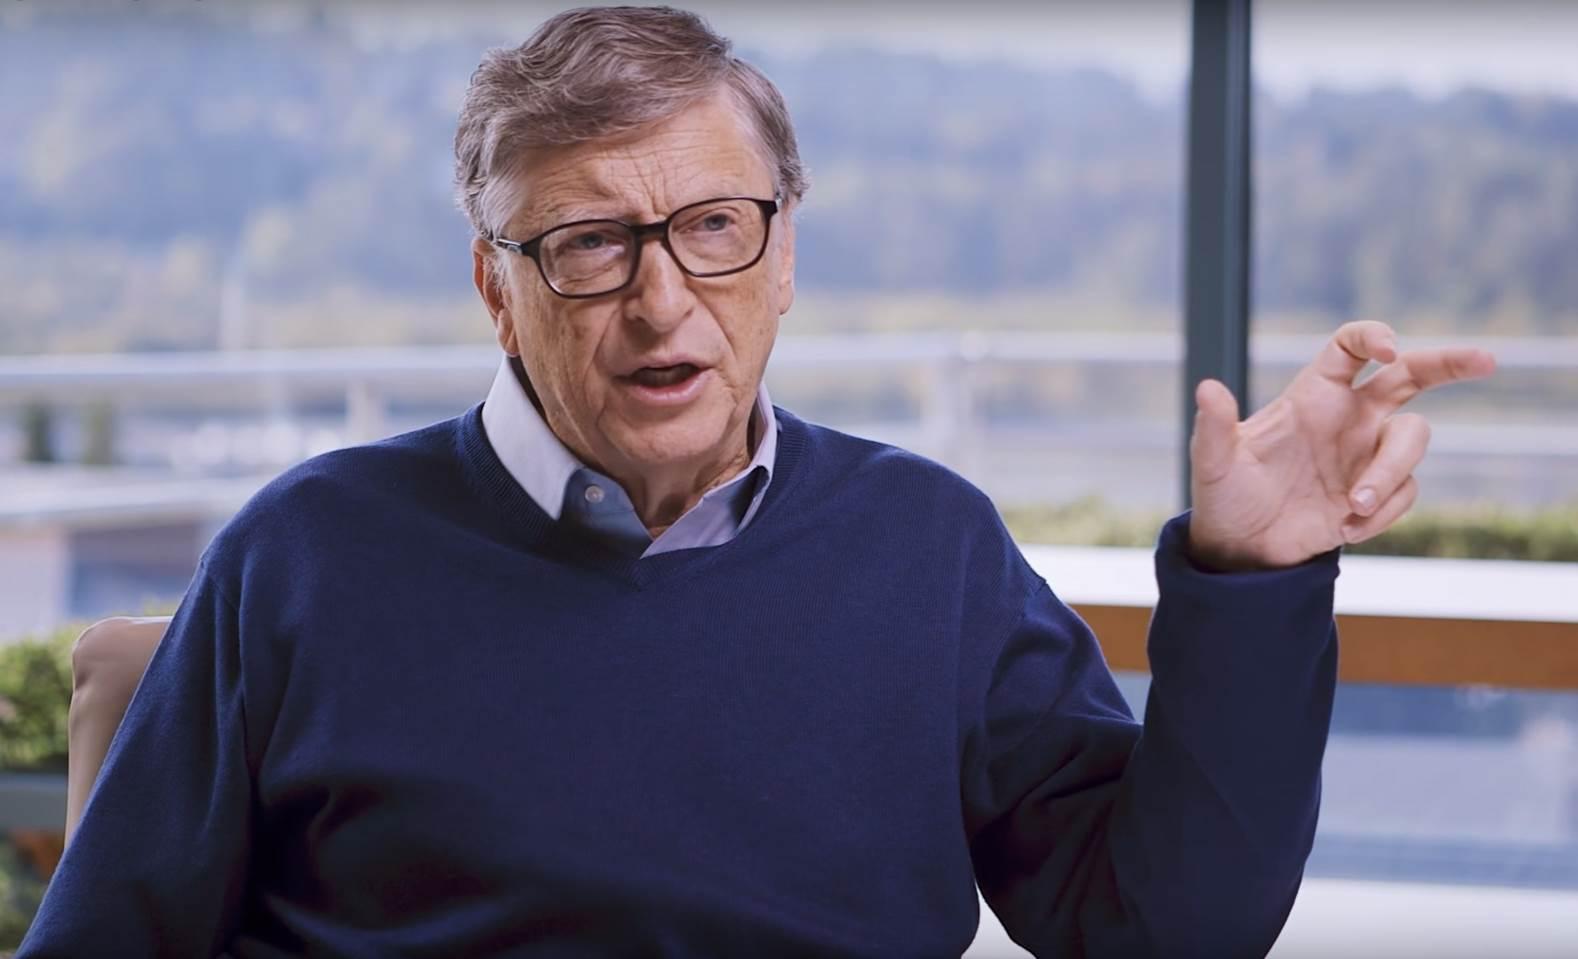 Bill Qeyts sərvətini hara xərcləyəcəyini açıqladı | Face of Marketing